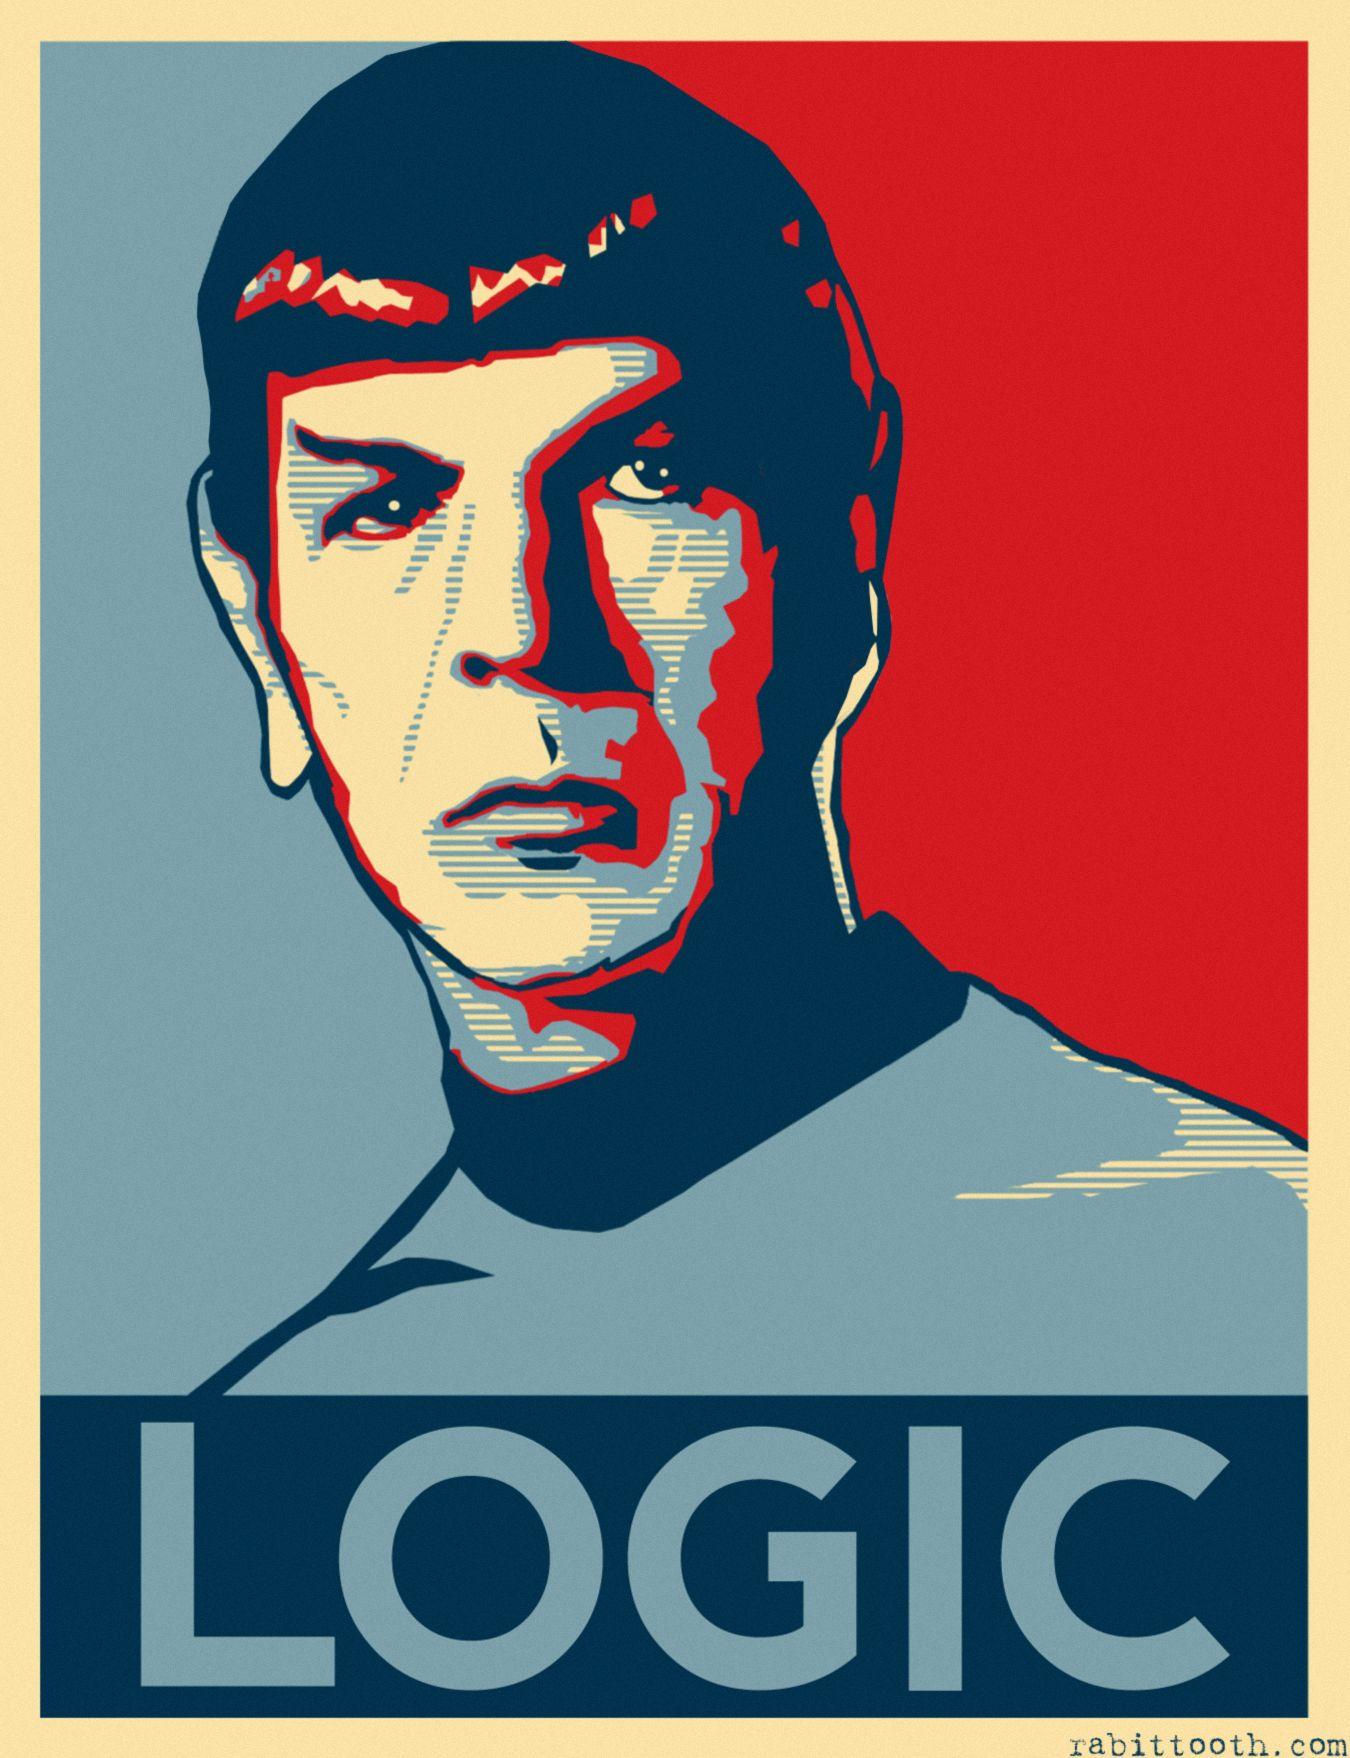 Spock In 2016 By Rabittoothiantart On Deviantart Fanland